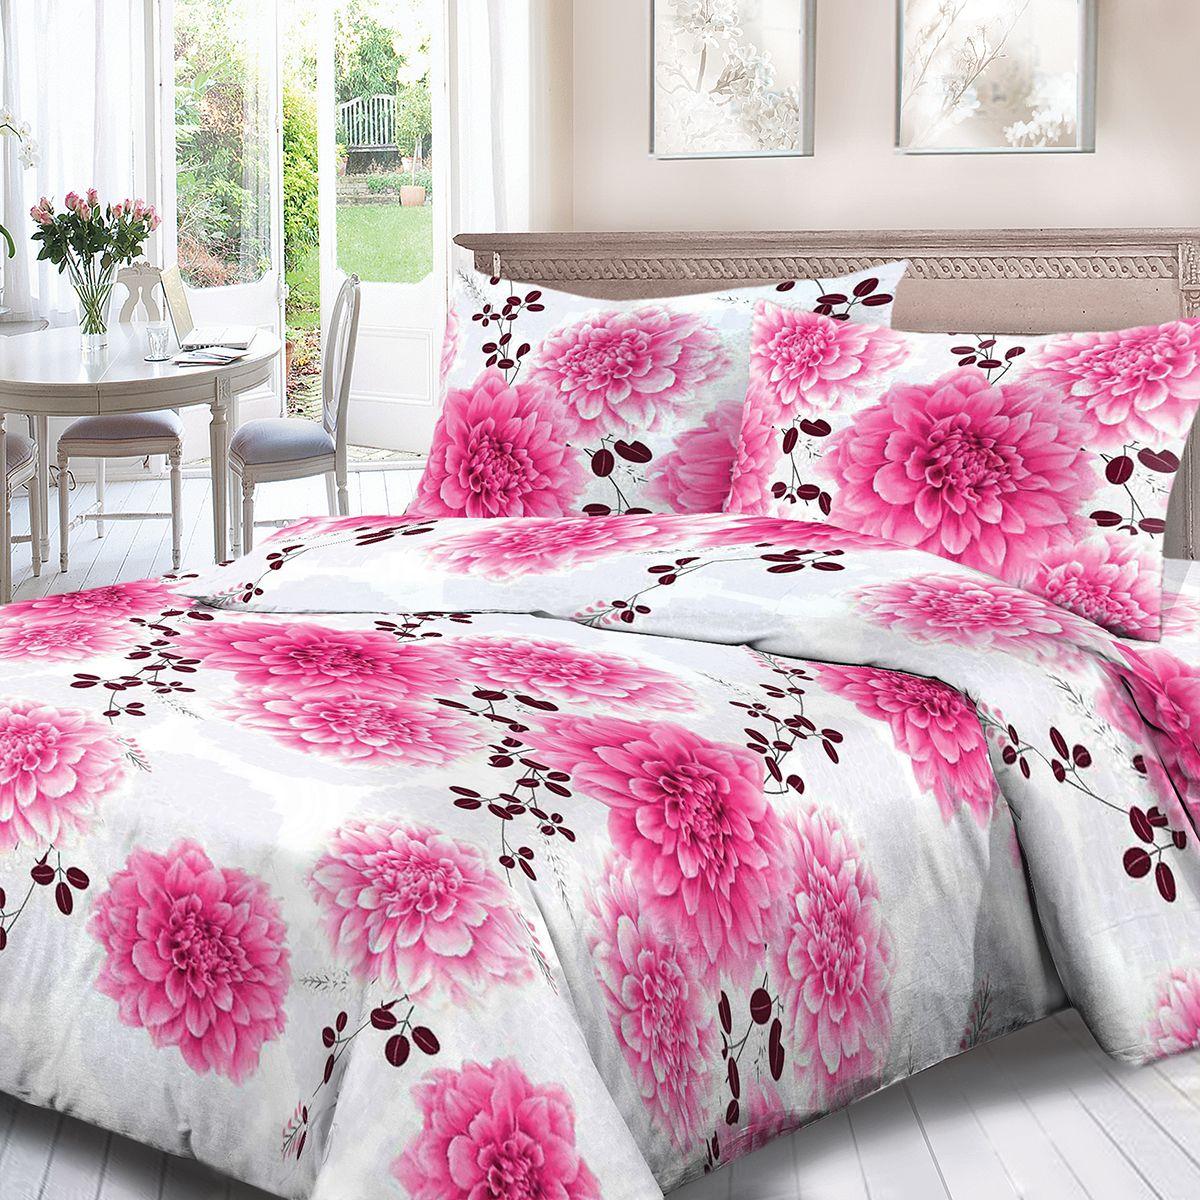 Комплект белья Для Снов Флер, 1,5-спальное, наволочки 70x70, цвет: розовый86481Постельное белье из высококачественного поплина ( Ткань Традиция) , в составе которого находится только 100% мерсеризованный хлопок - это идеальный выбор современной женщины. Мерсеризация подчеркивает лучшие свойства хлопка:- Ткань прочнее обычной, при этом мягкая и шелковистая;- Цвета яркие и устойчивые;- Высокая гигроскопичность;- Меньше мнется, не линяет и не садится при многократных стирках;При производстве используются только безопасные красители ведущего швейцарского производителя BEZEMAКоллекция отличается тщательно проработанными современными дизайнами, разделенными на тематические группы. Созданные талантливыми европейскими и российскими художниками, они поражают своей нежной красотой, а восхитительная упаковка придает комплекту подарочный вид. Плотность ткани: 110 г/м.кв.